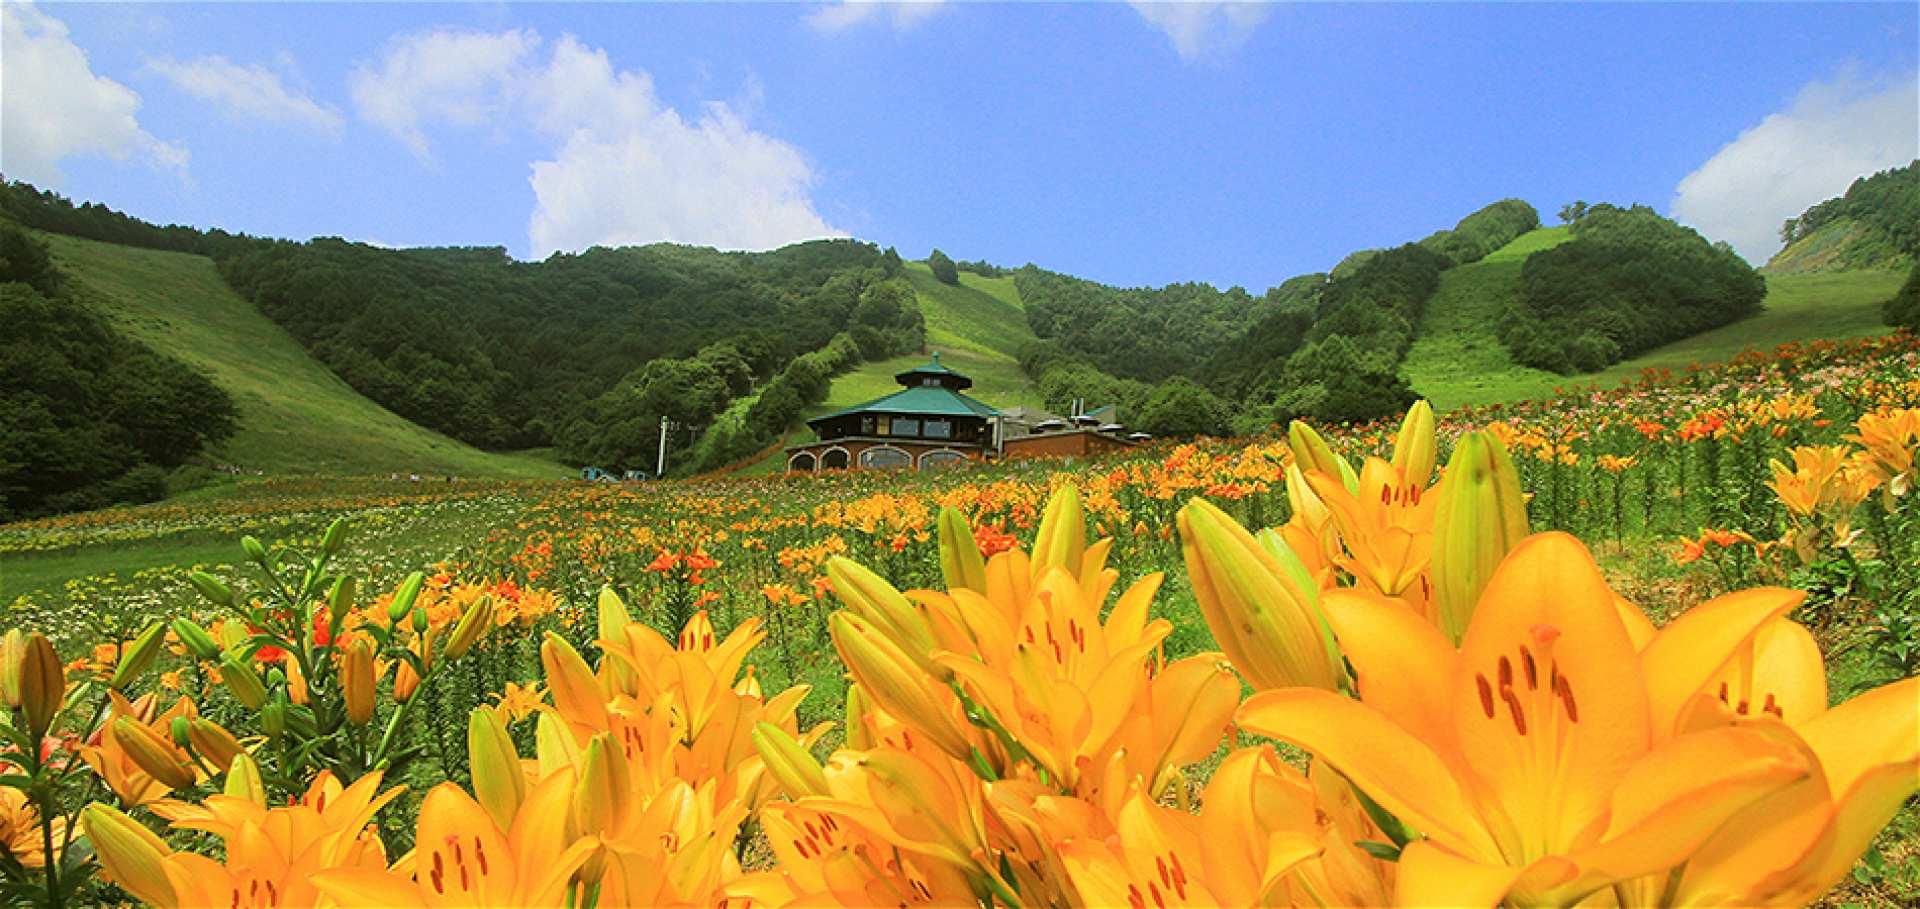 【大阪巴士一日遊】向日葵花海、箱館山百合園、海鮮燒烤吃到飽